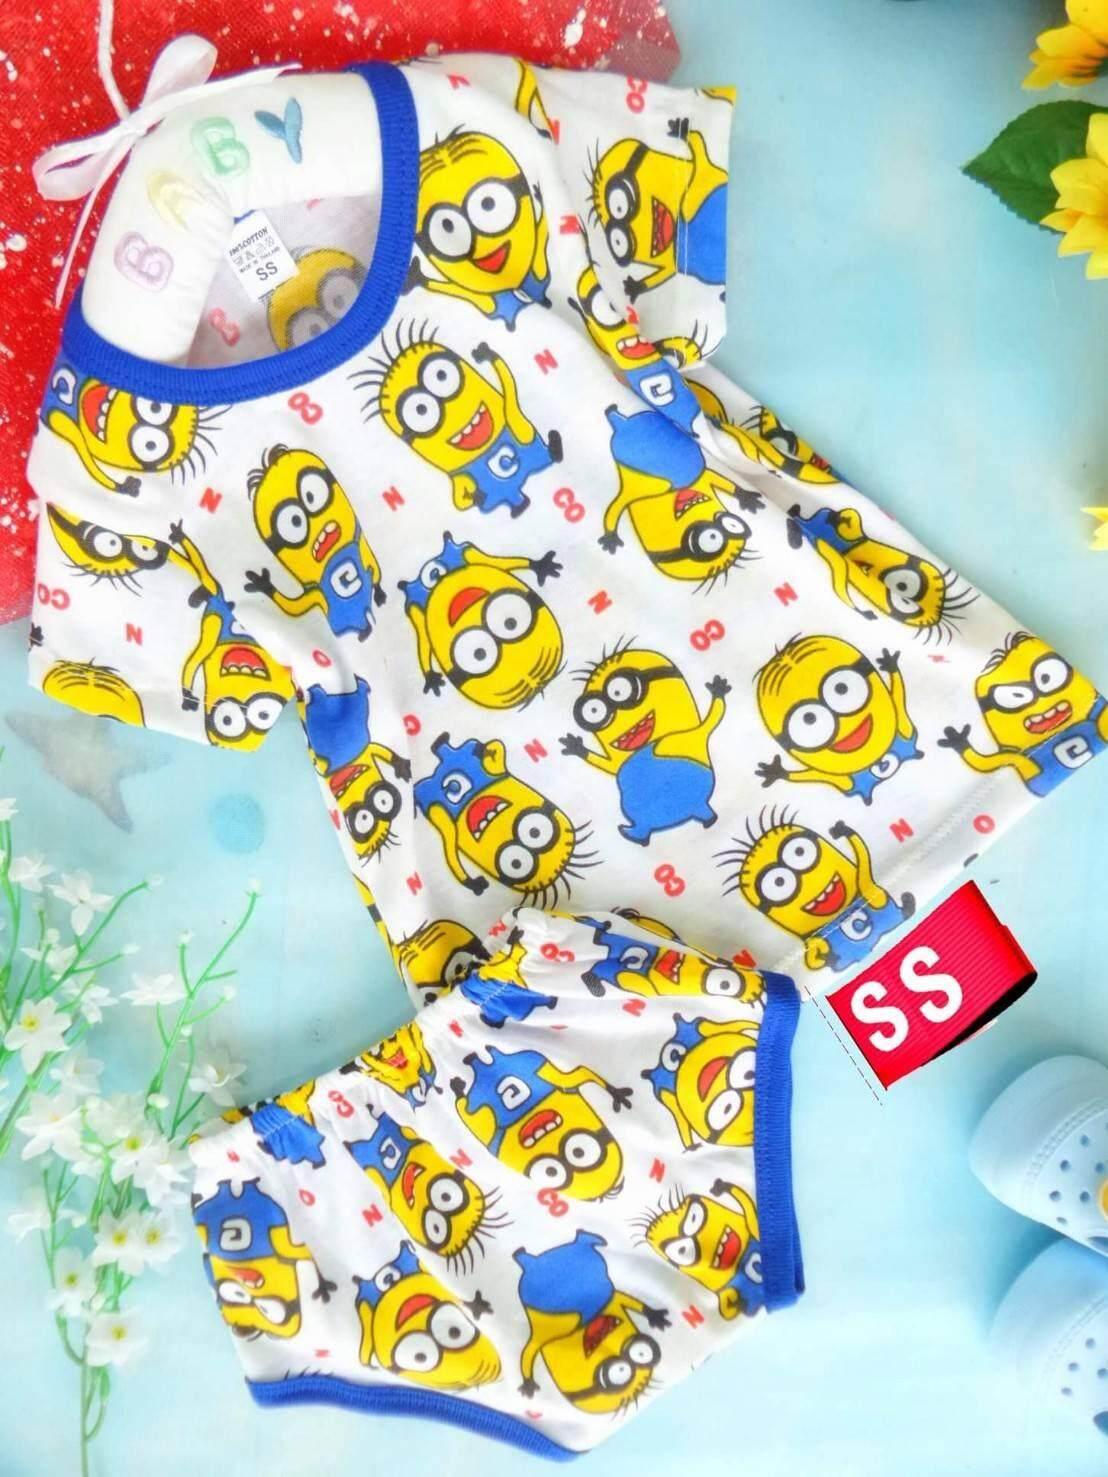 ชุดเด็กน้อย อายุ 2-9เดือน SS อก22 นิ้ว ผ้าคอตตอนนิ่มสีสด ไม่ระคายเคืองผิว (ทางร้านจัดคละสีคละลายให้)